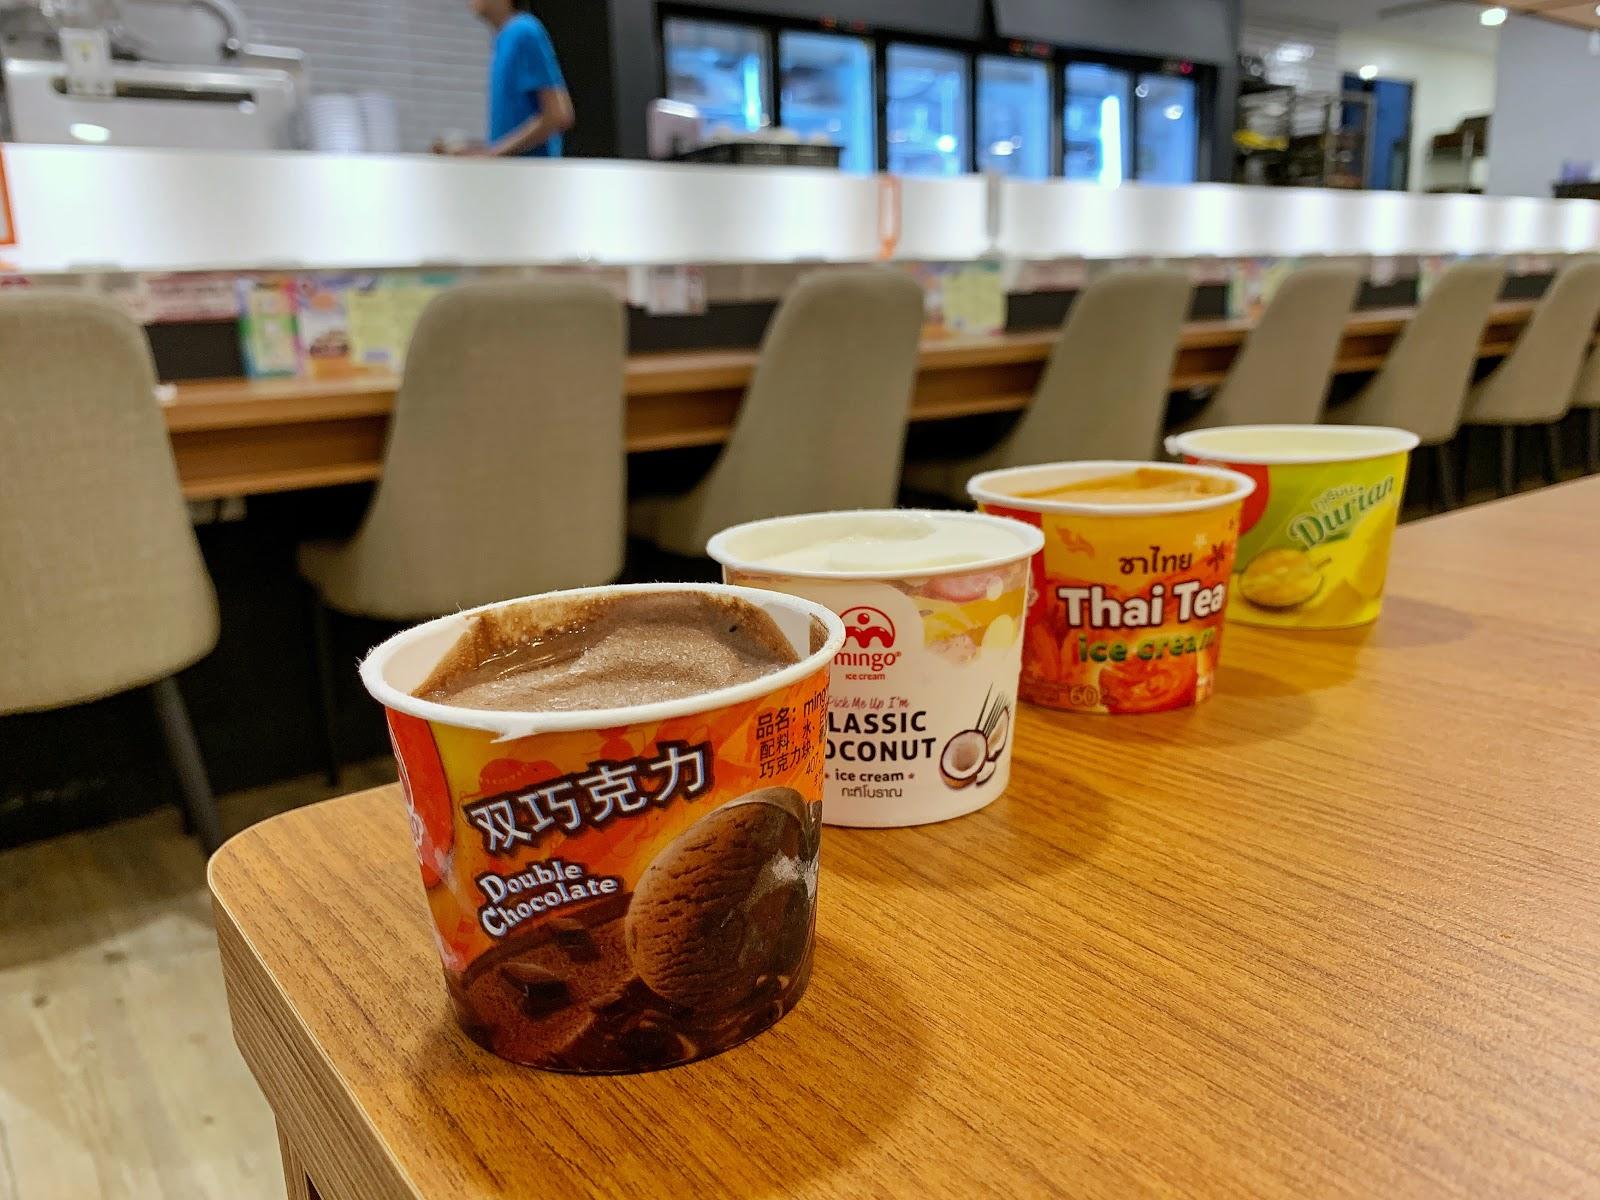 泰國知名品牌冰品【明果冰淇淋】